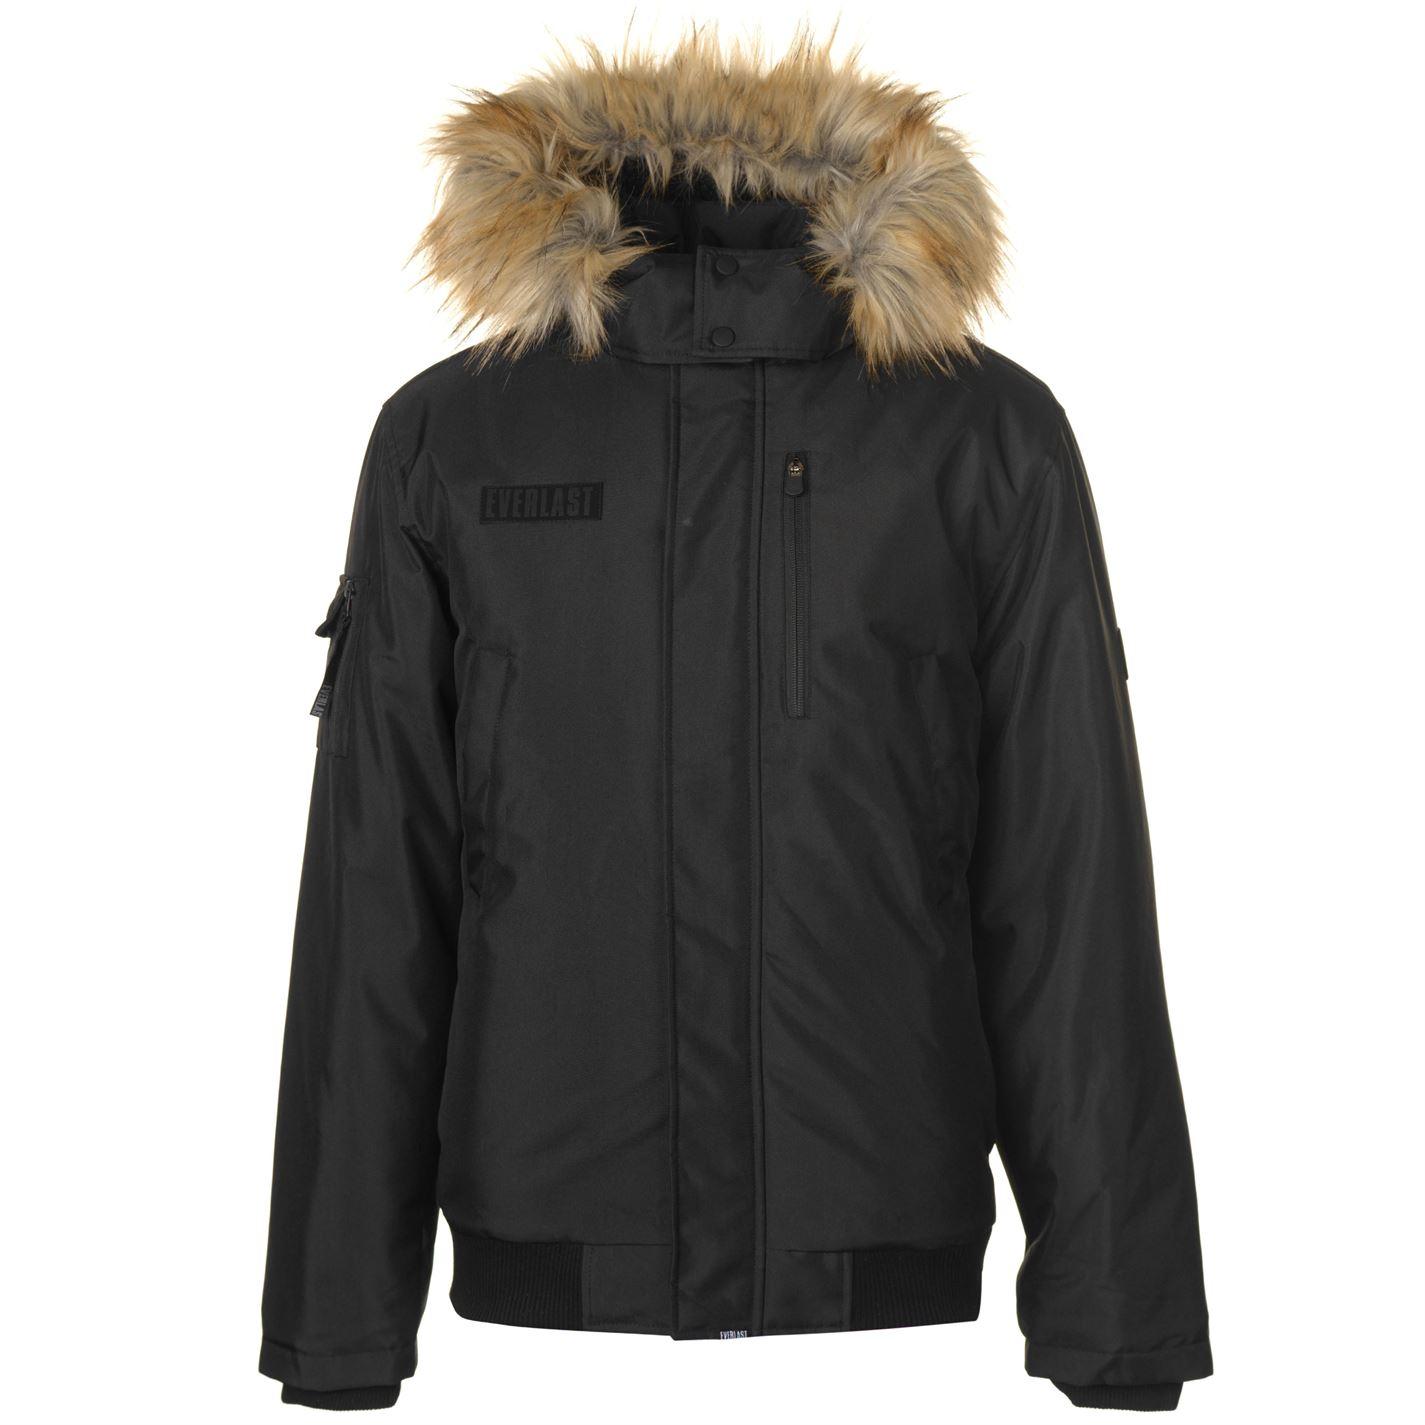 67757aa8238c Everlast Urban Bomber Jacket pánské